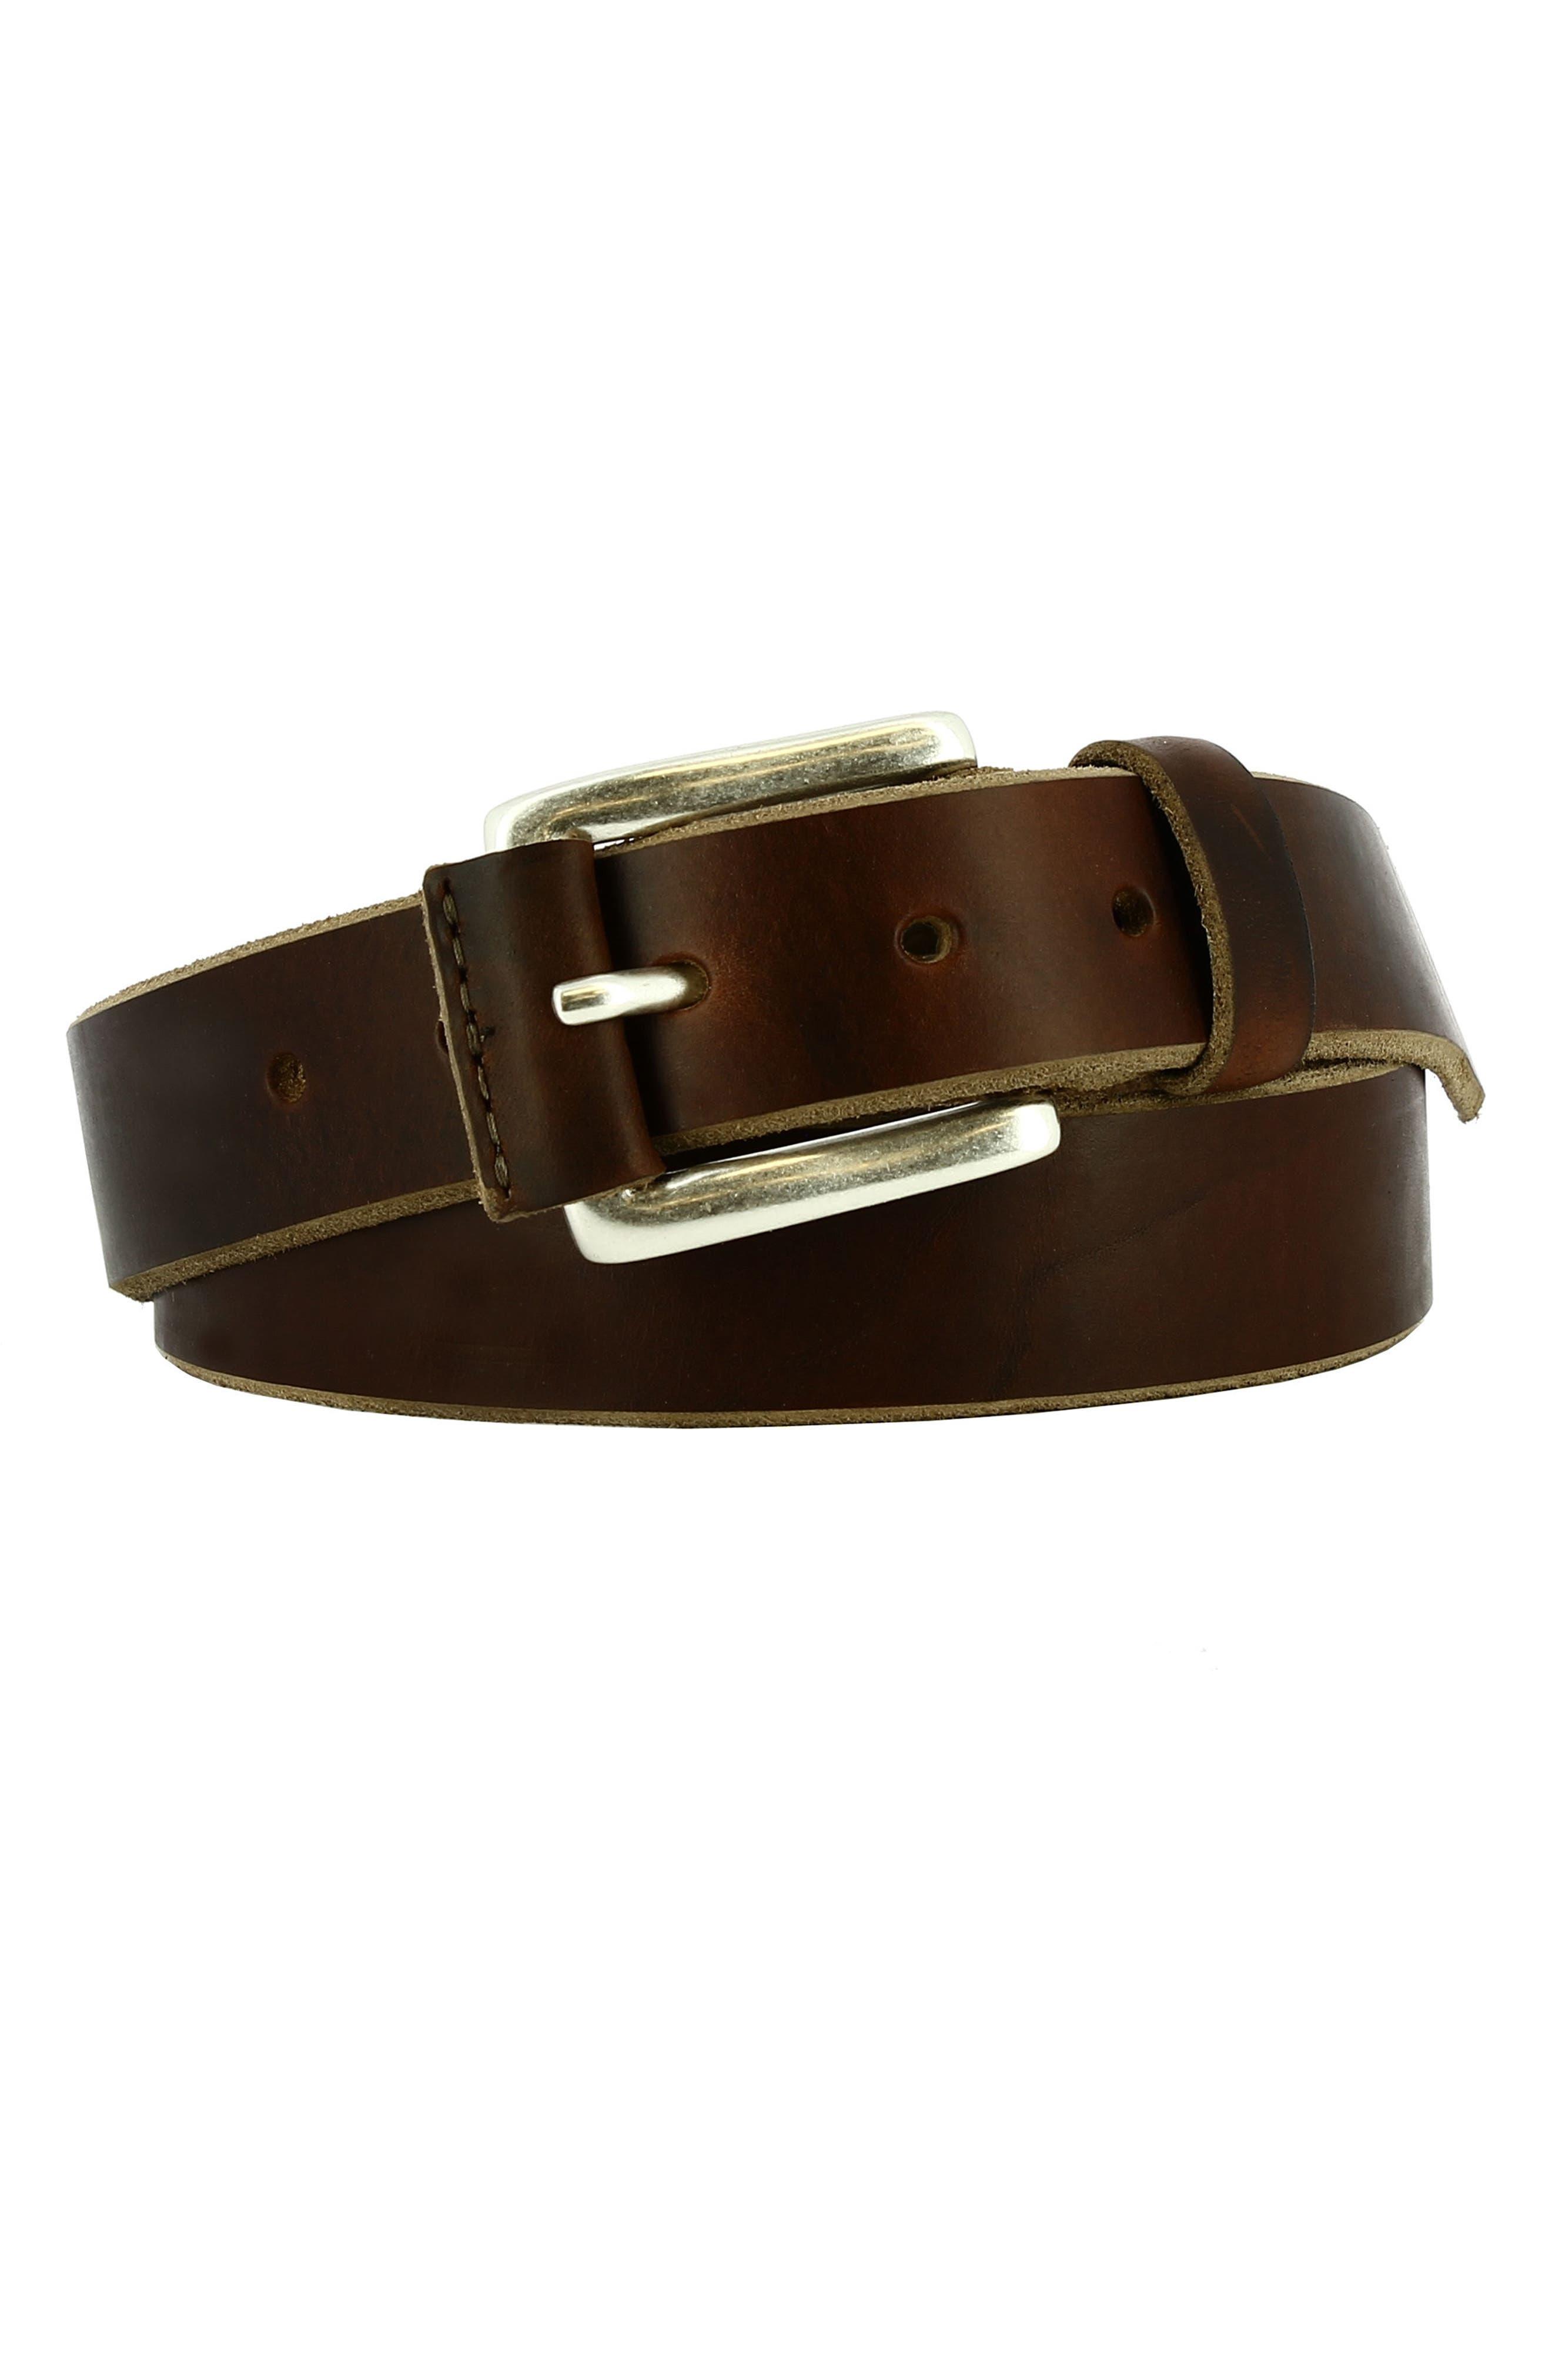 Coraggio Leather Belt,                         Main,                         color, Bourbon